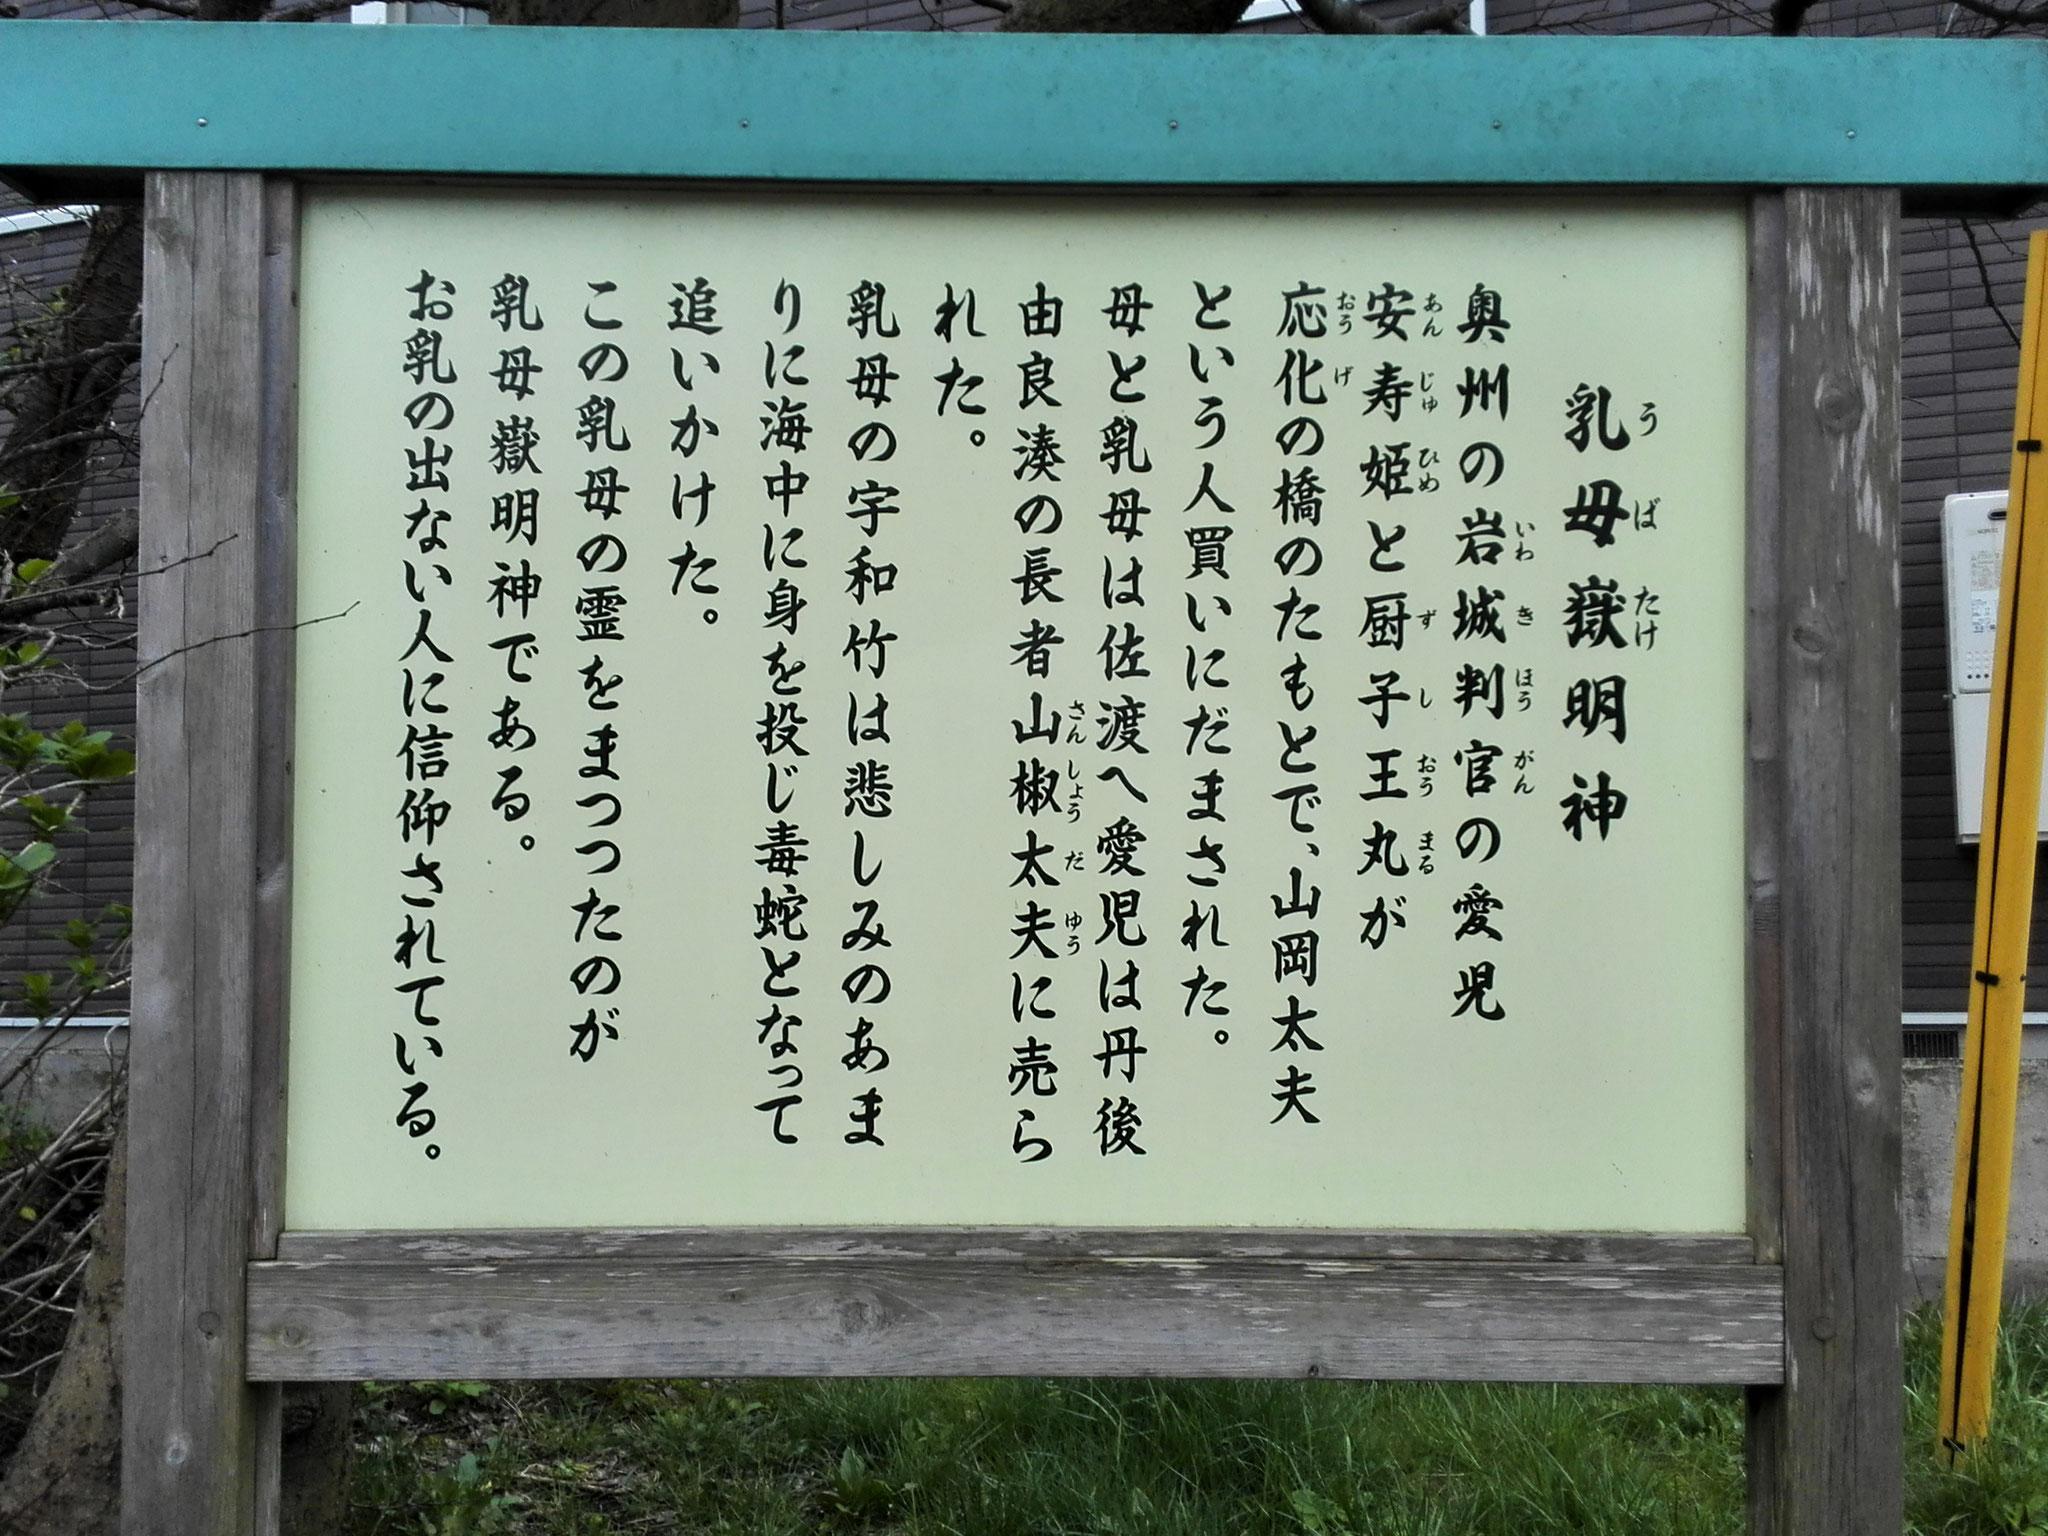 居多神社、北参道入口、乳母嶽明神案内板。